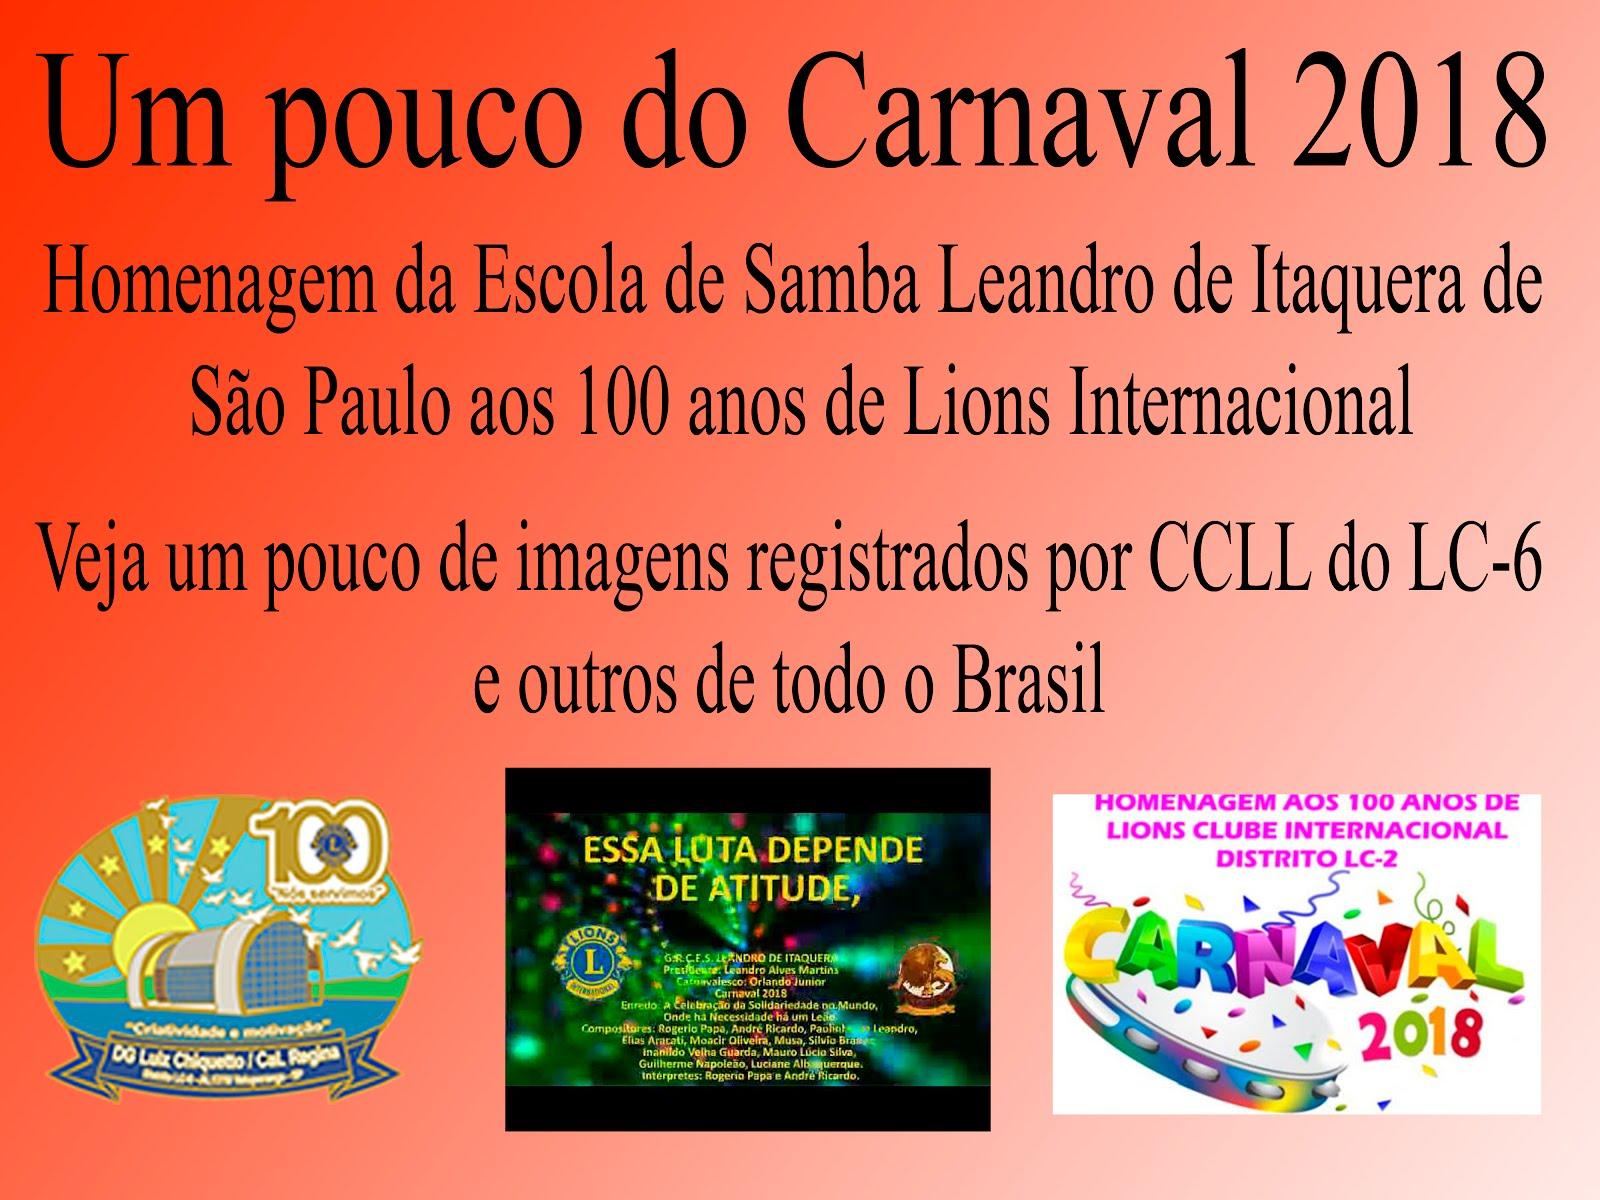 LIONS É HOMENAGEADO NO CARNAVAL 2018